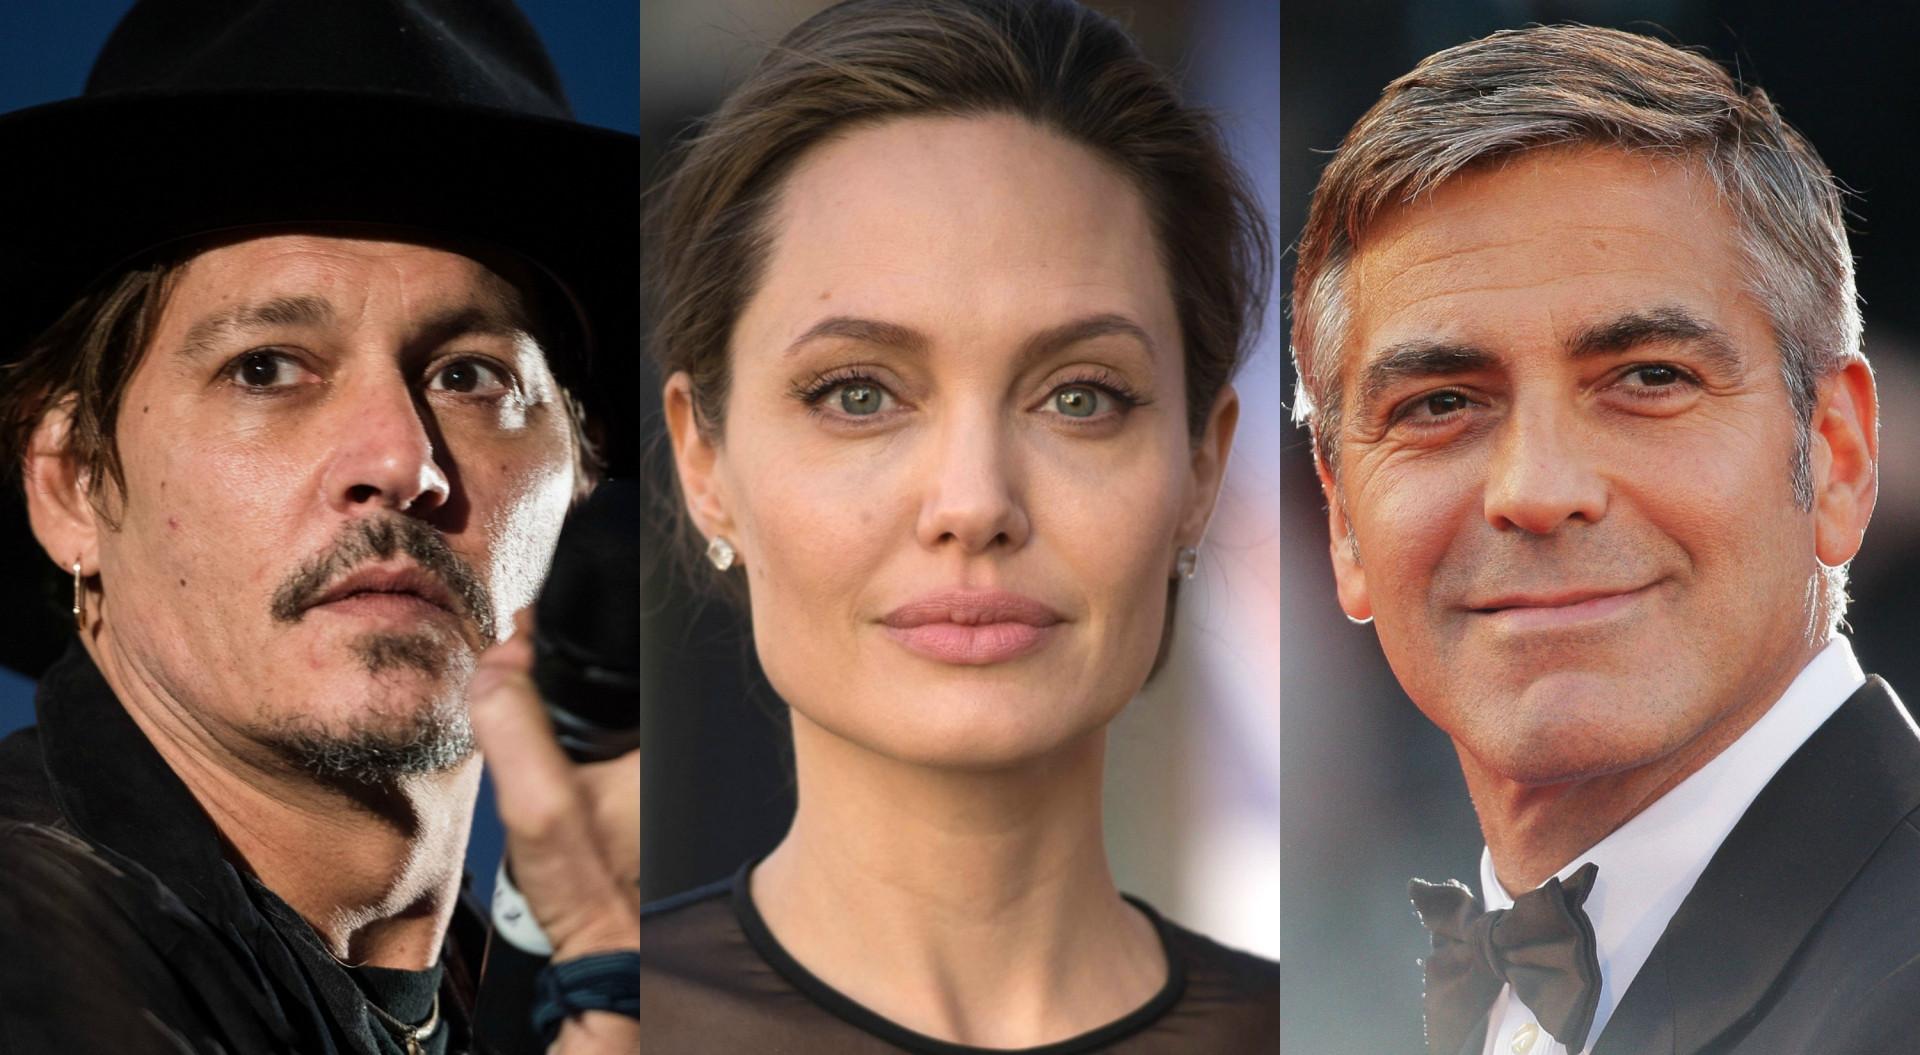 Eis 30 celebridades que são conhecidas pela humildade e simpatia